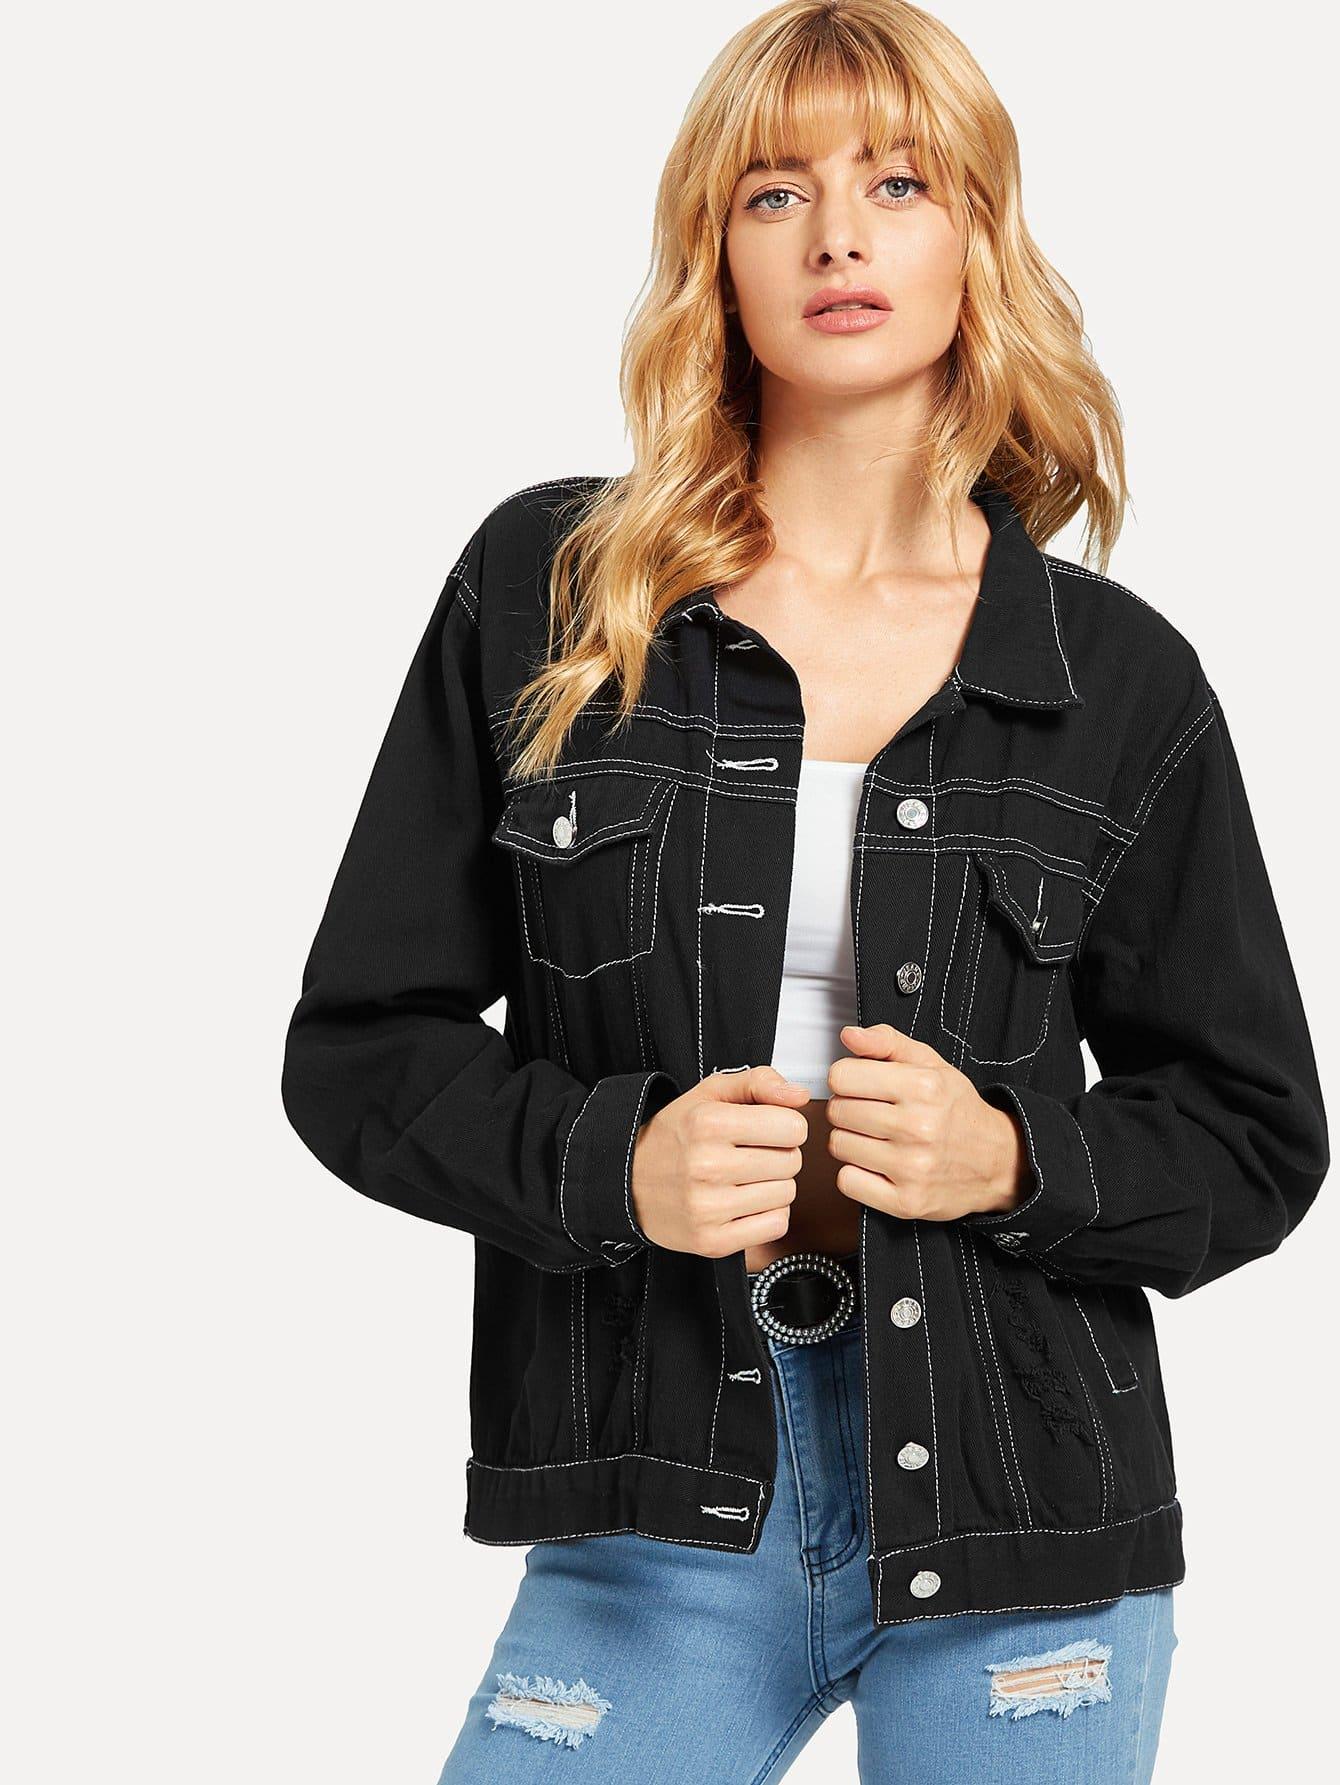 Купить Черный на пуговицах Текст Повседневный Джинсовые куртки, Masha, SheIn